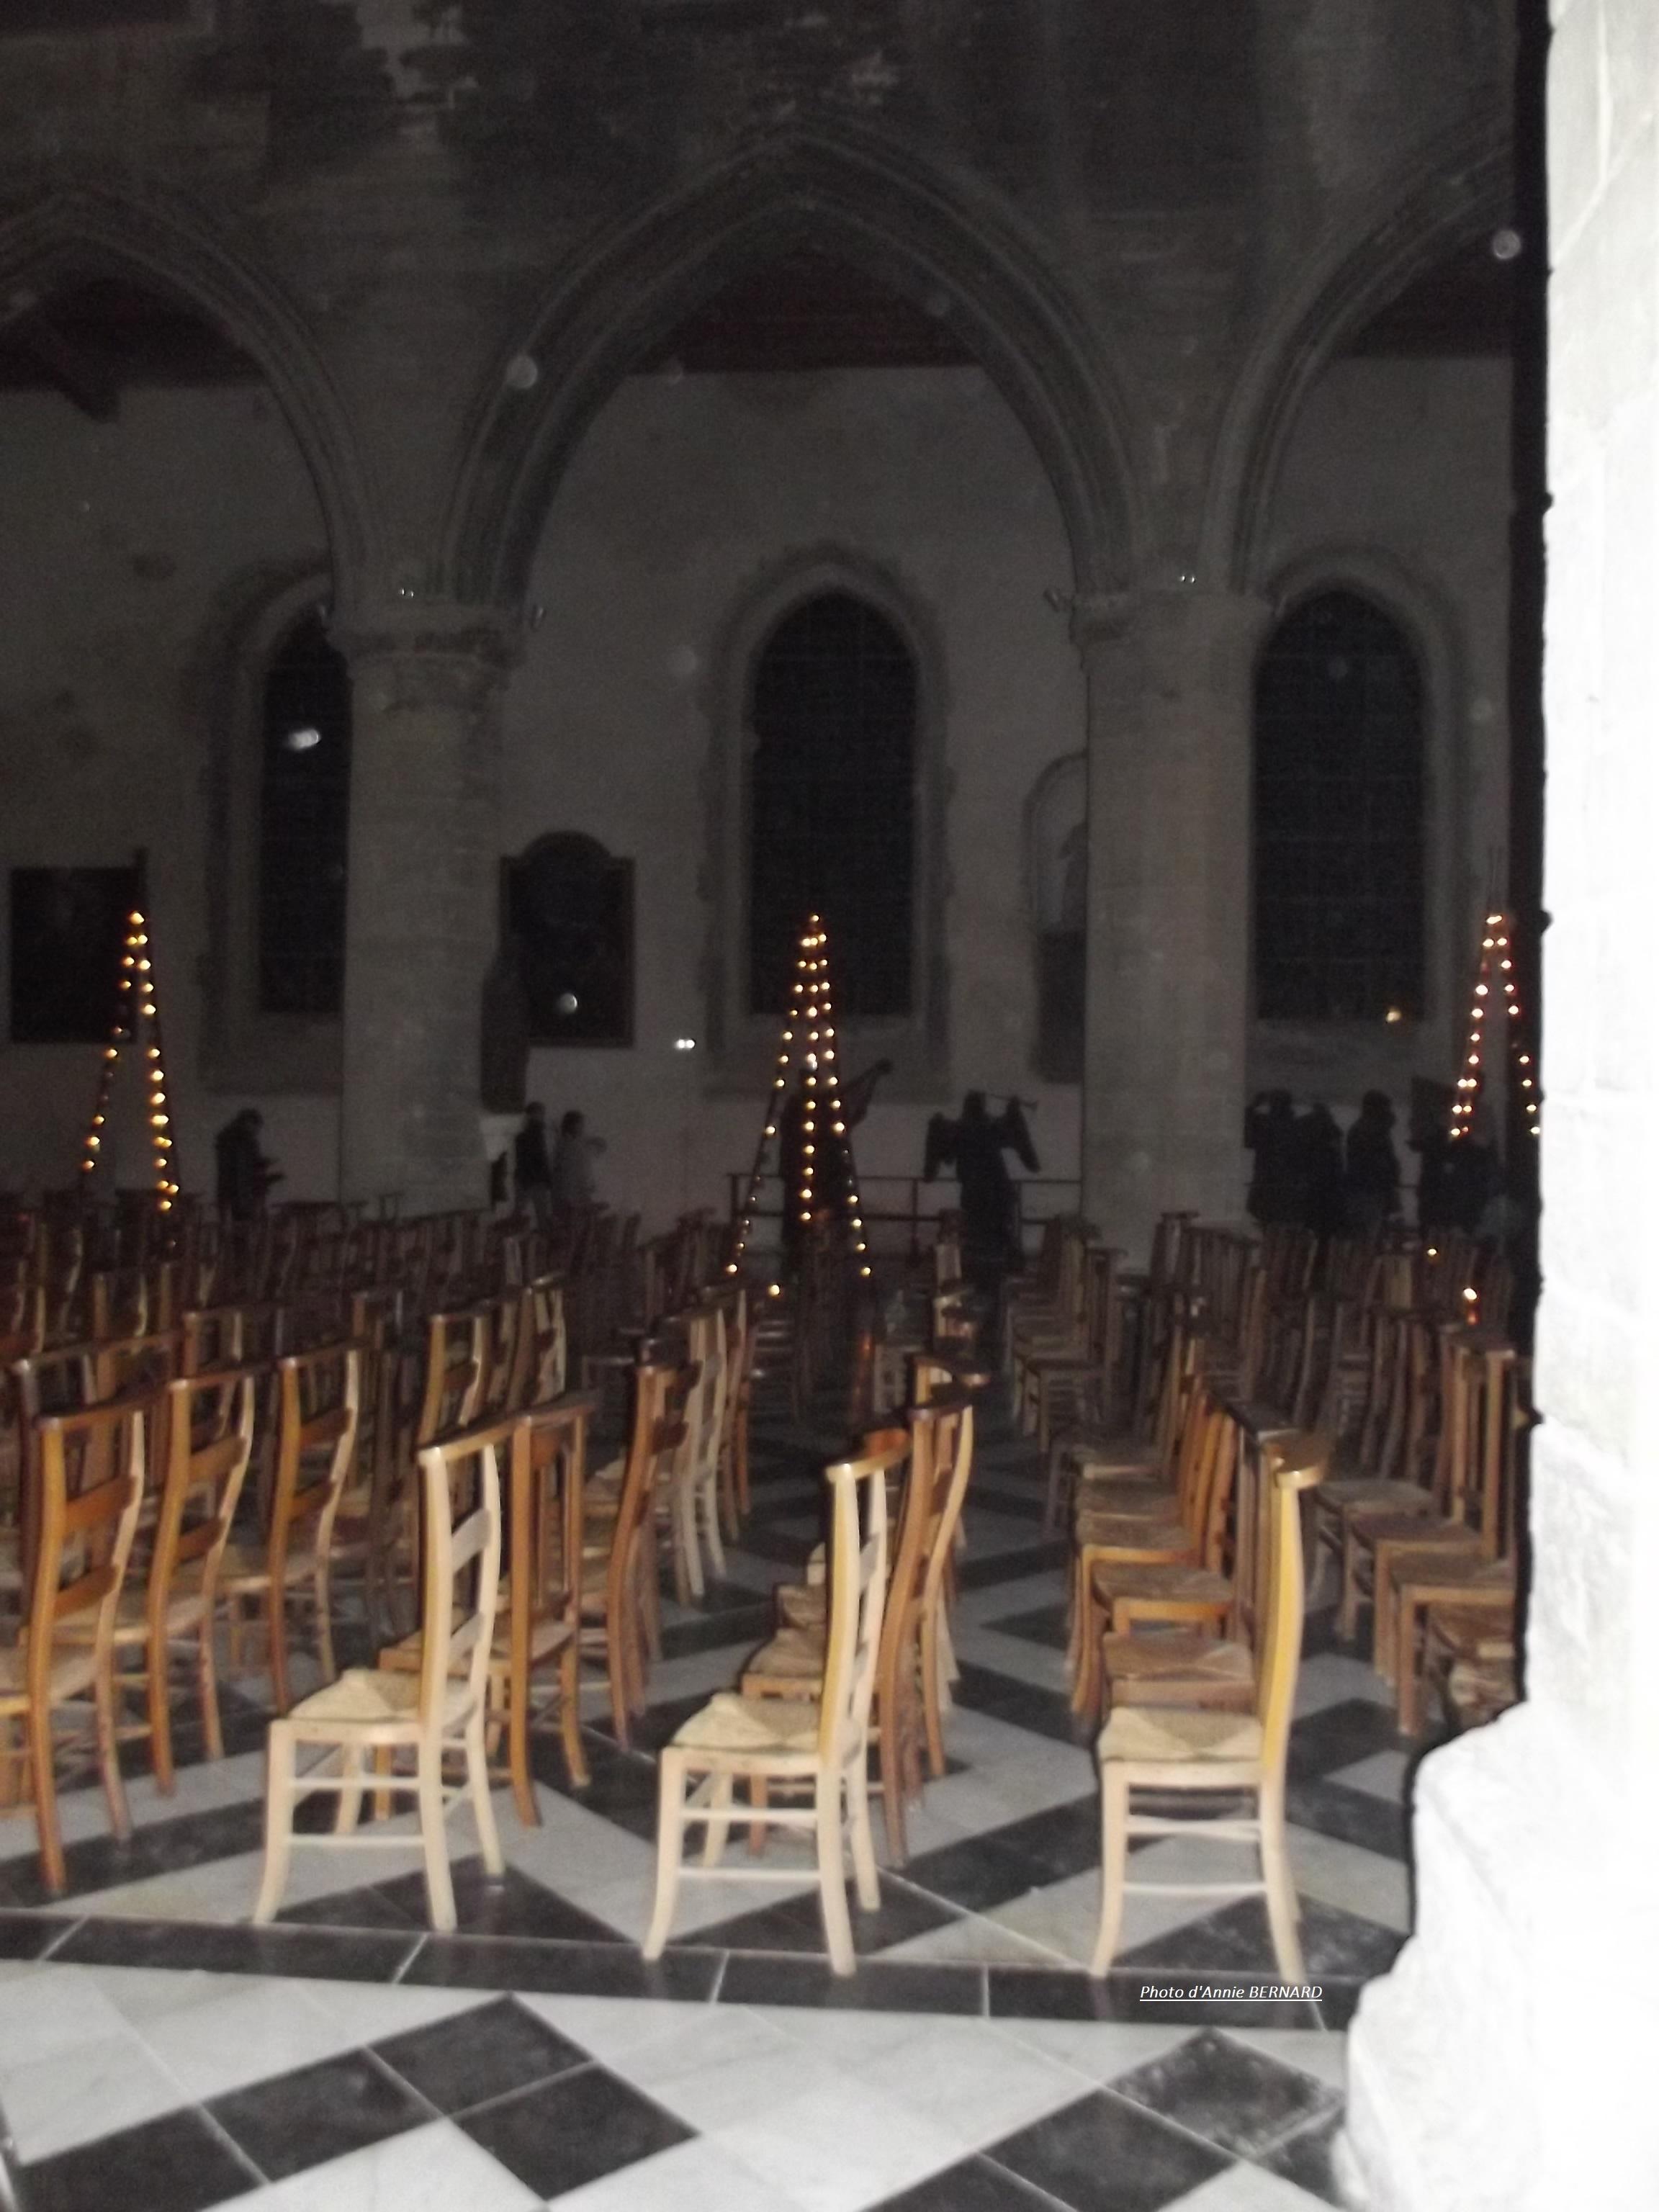 l' intérieur de l'Eglise Notre-Dame de Calais en 2017